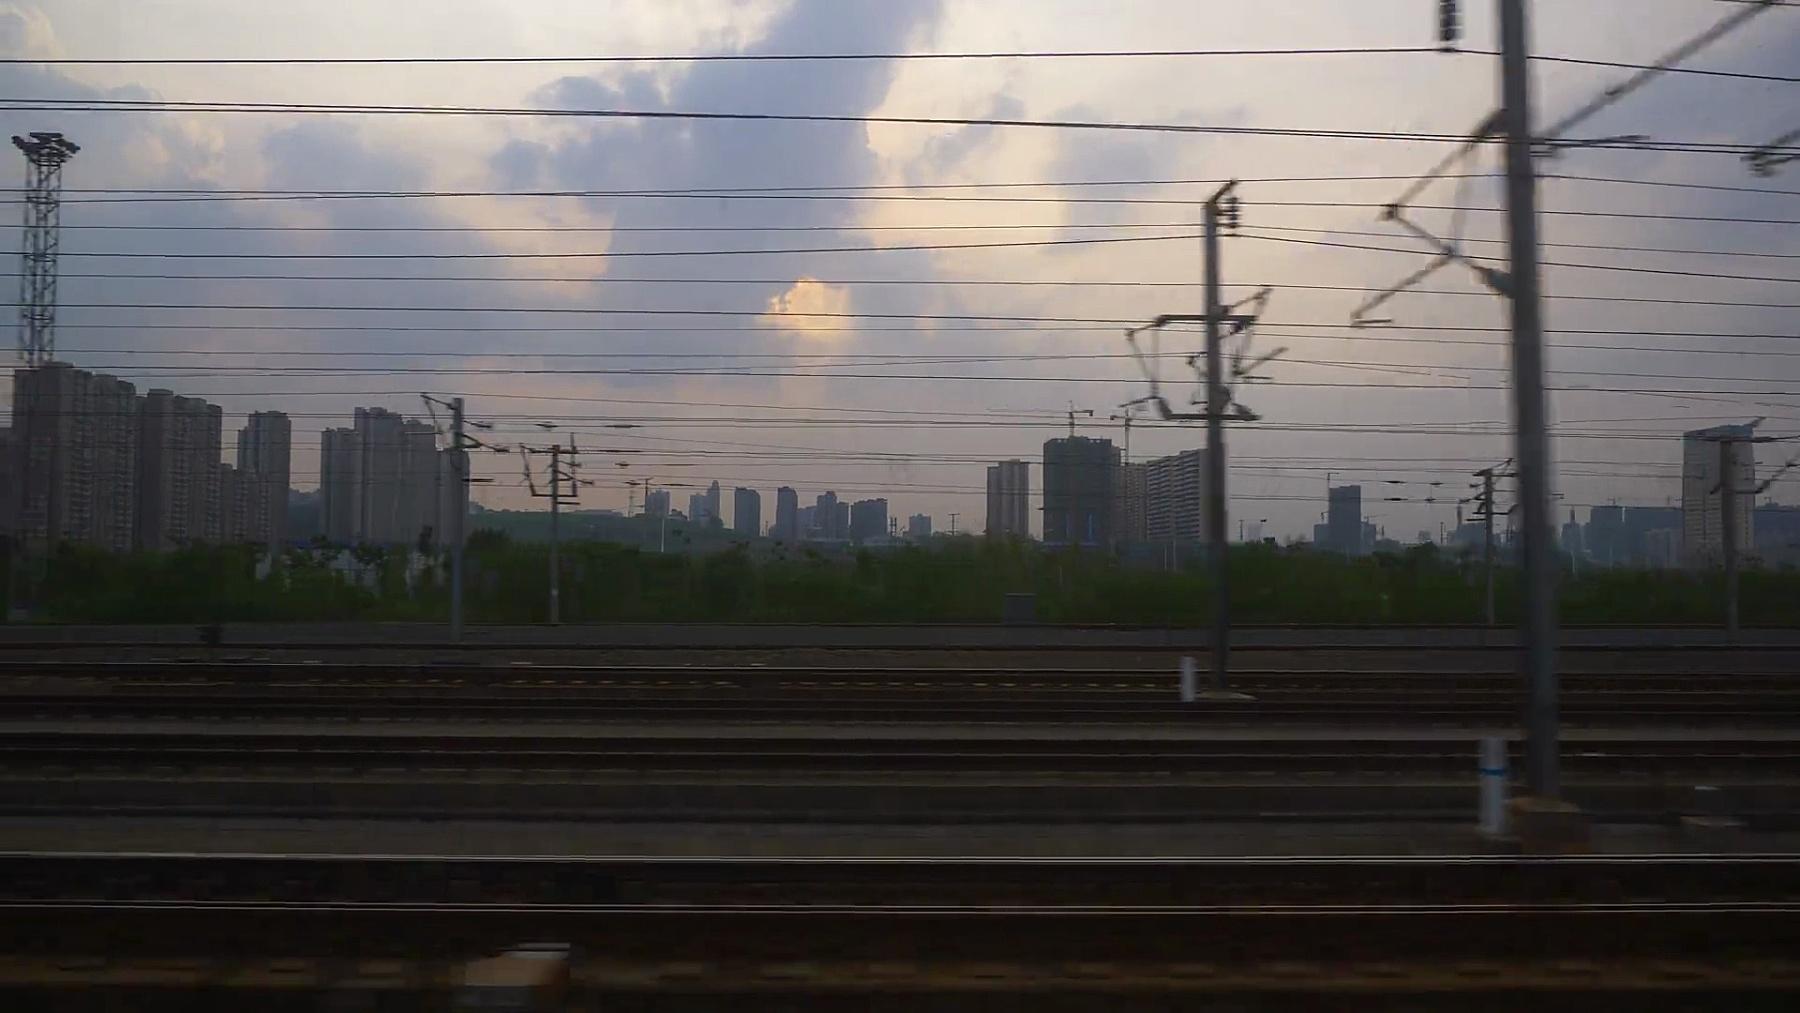 日落天空武汉深圳火车出行侧窗pov全景 中国